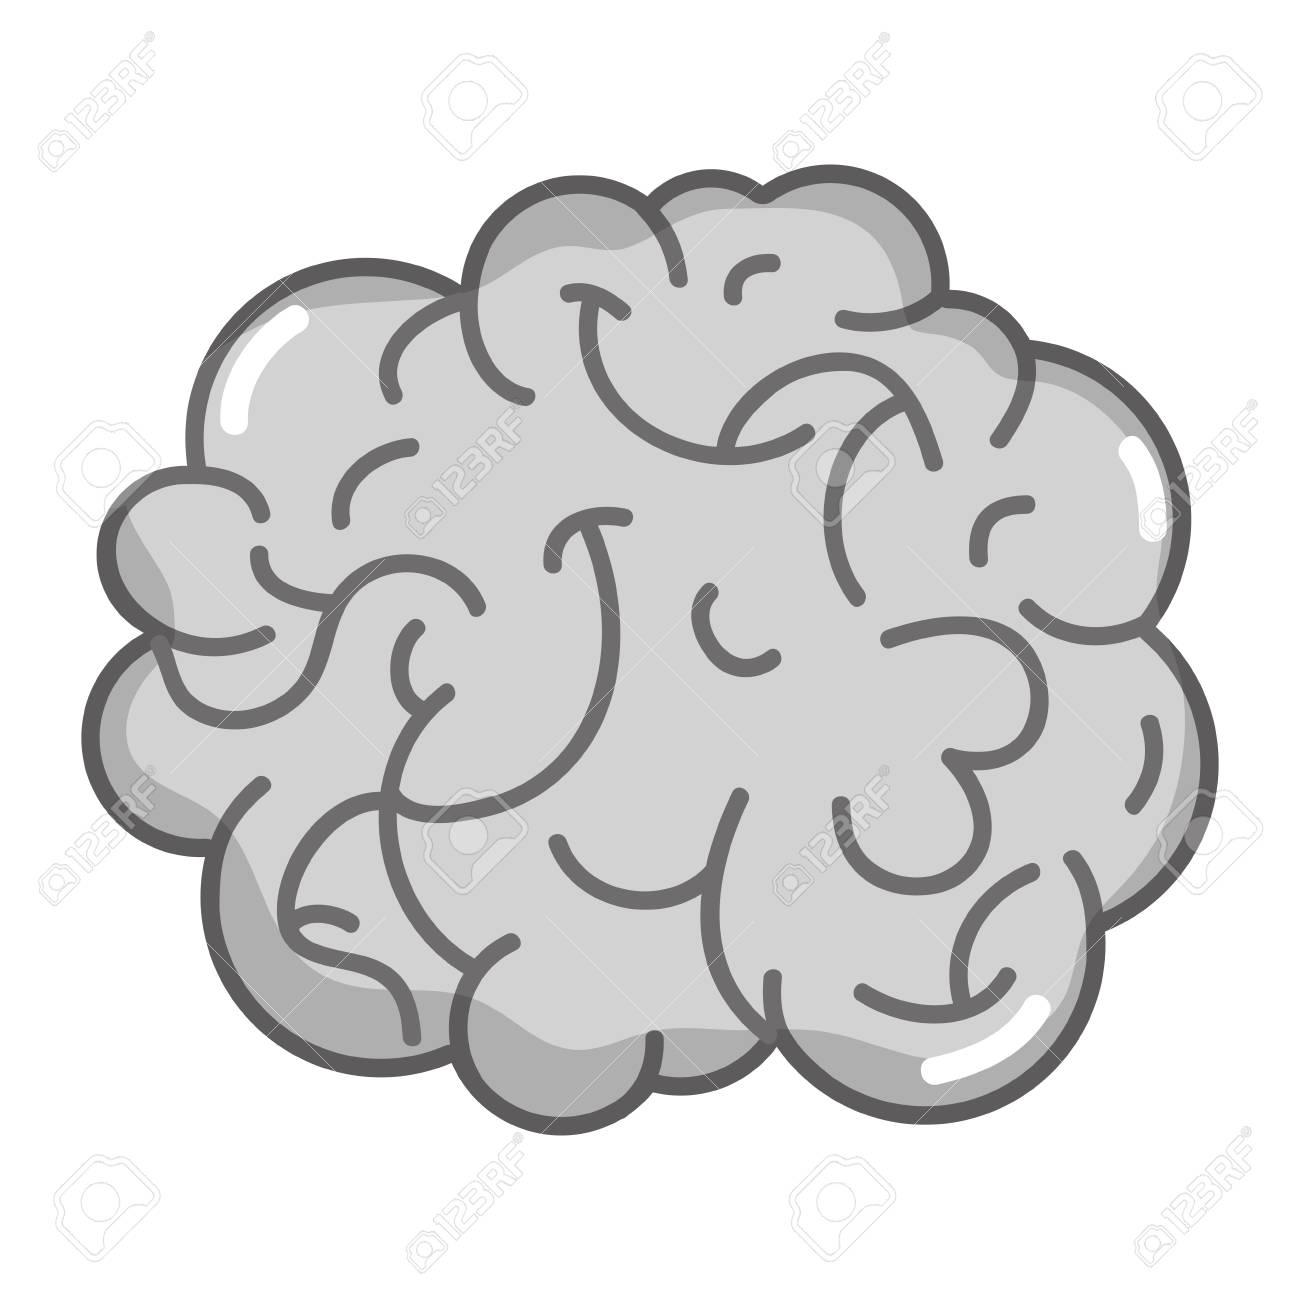 Anatomía Del Cerebro Humano En Escala De Grises A La Ilustración De ...